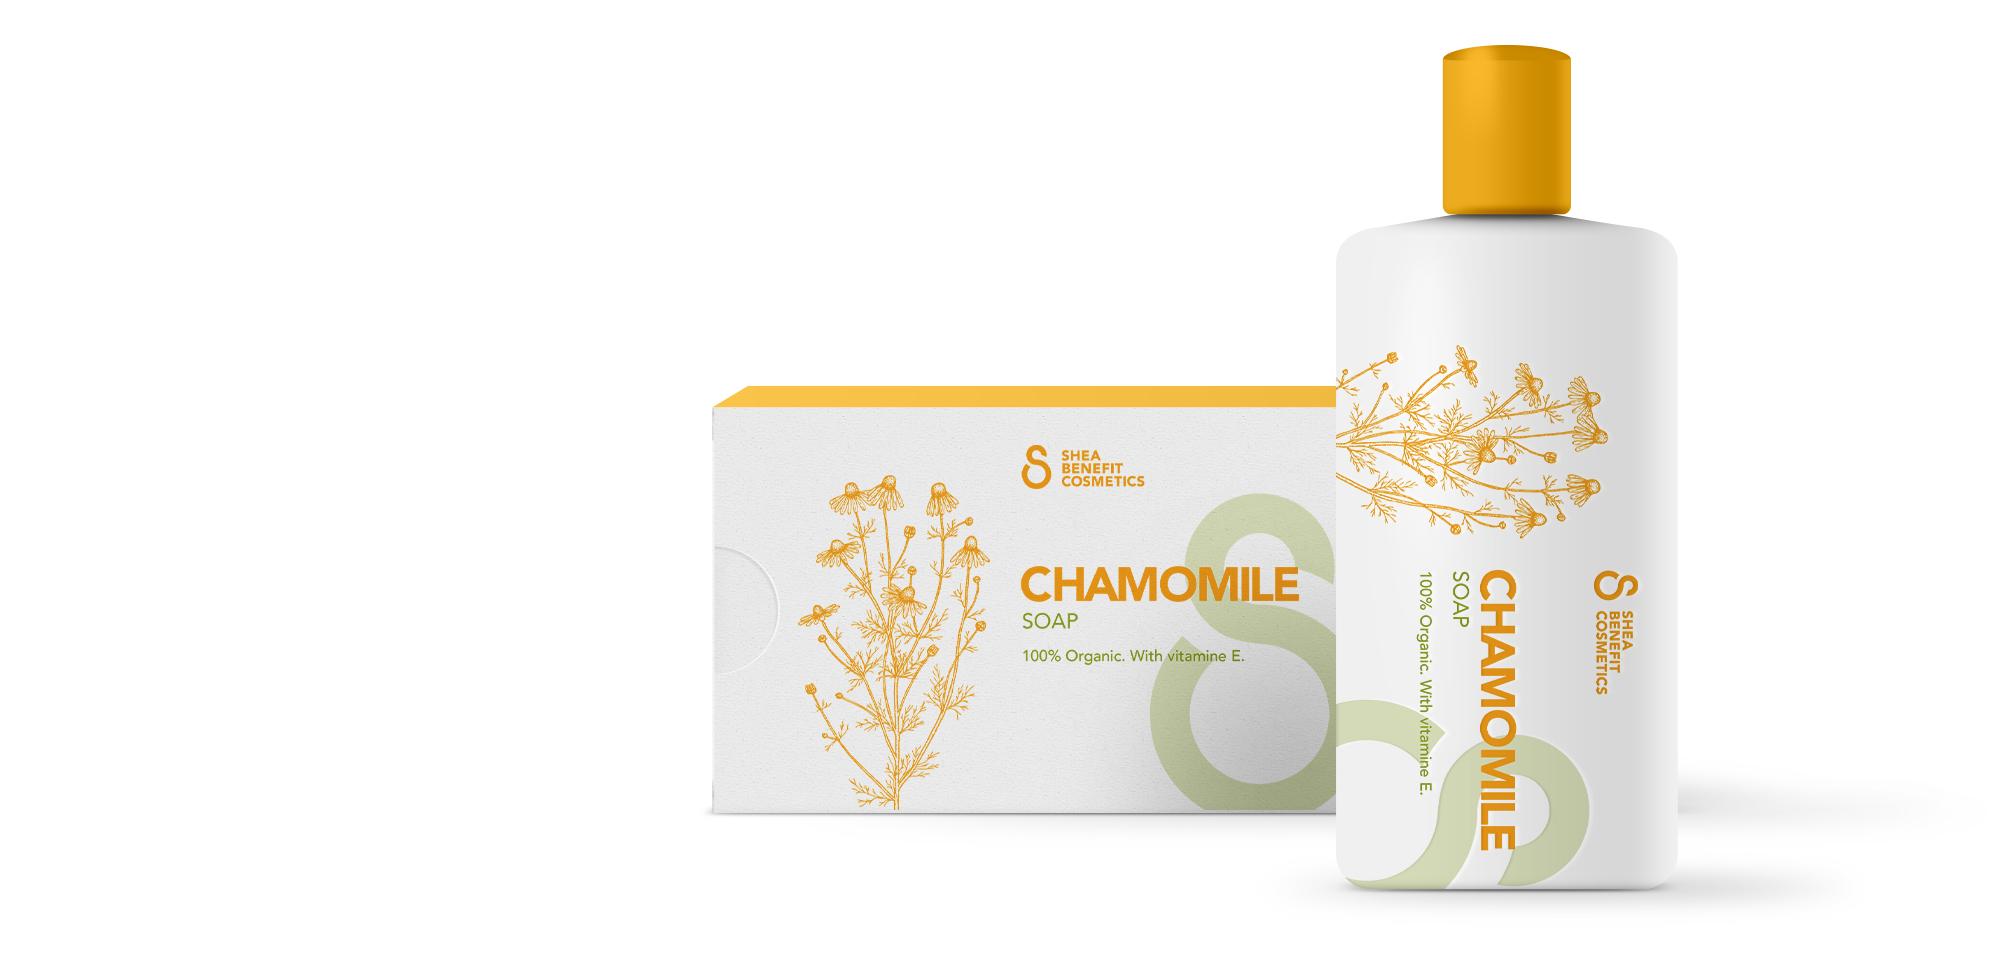 Dit is een afbeelding van een fles en een zeepverpakkingen van het Keniaanse bedrijf Shea Benefit Cosmetics. In het flesje zit een huidcrème gemaakt van Shea noten. De verpakkingen is bedrukt met gele tekst en voorzien van een illustraties van het ingrediënt Camille. De verpakkingslijn is ontworpen door Activates merkversterkend reclamebureau uit Sassenheim.